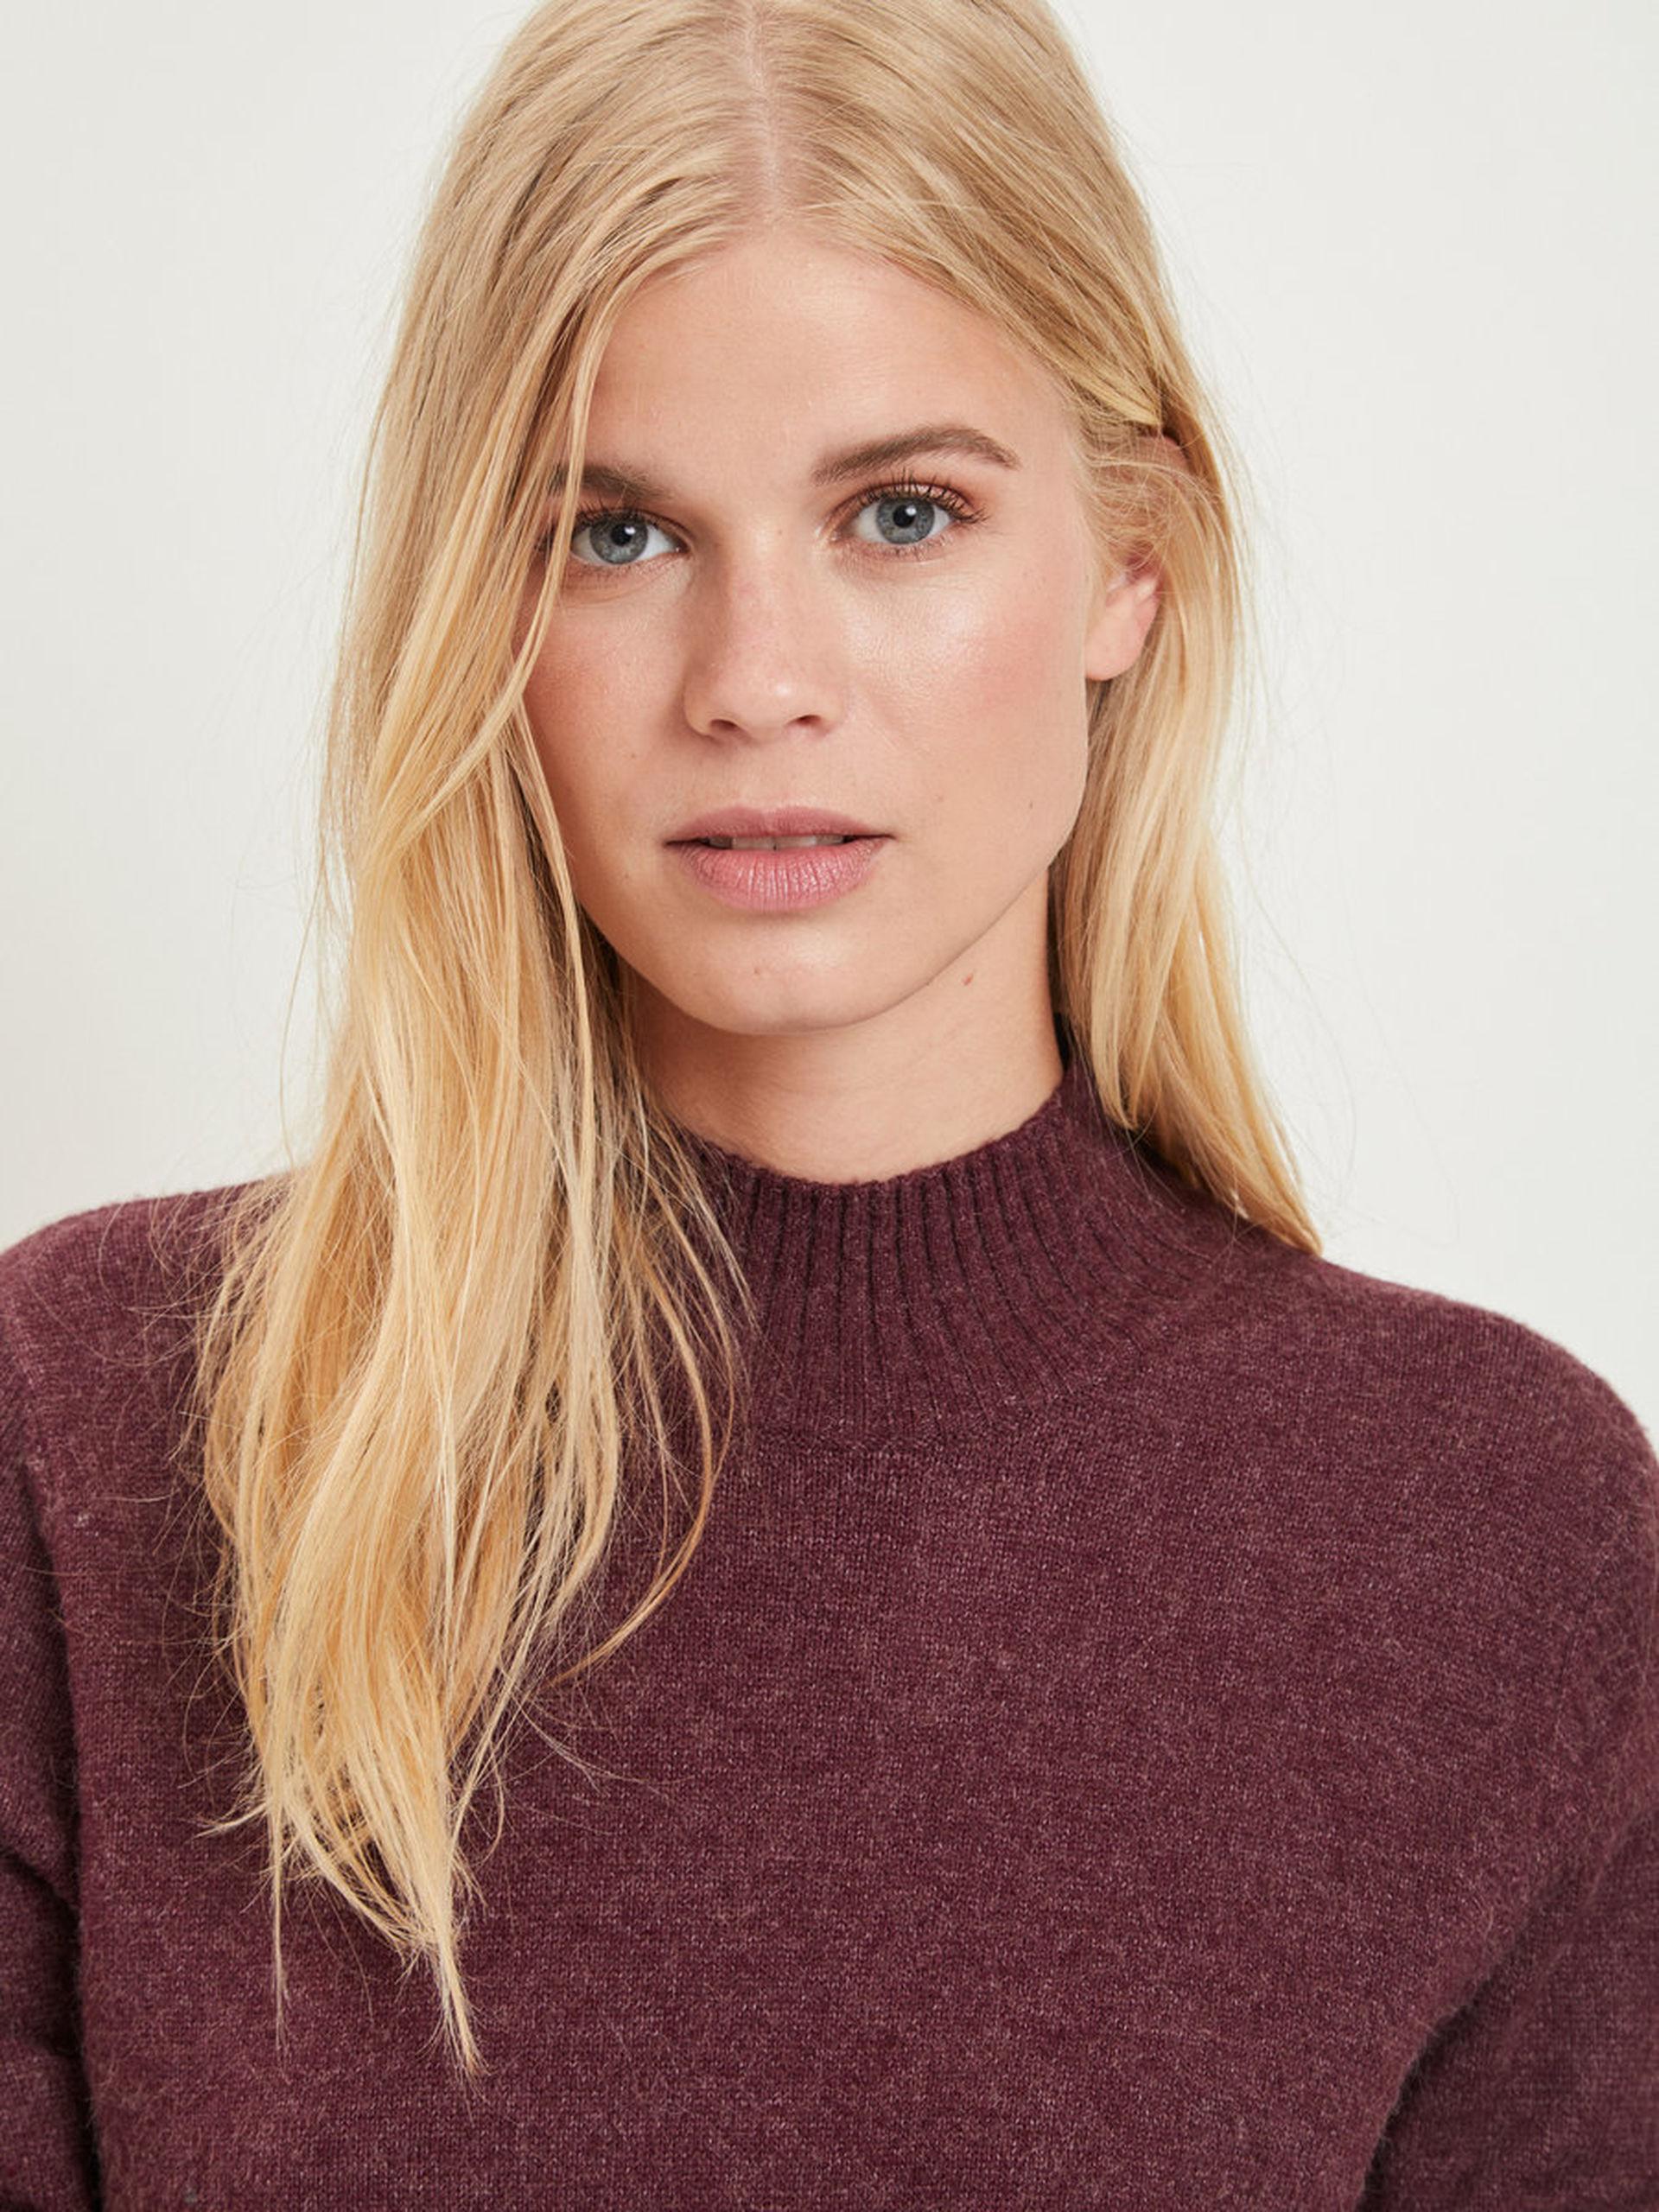 ef1d3f09 VIRIL, strikket pullover, vinrød - Tøj, sko, tilbehør - Comfort & Style